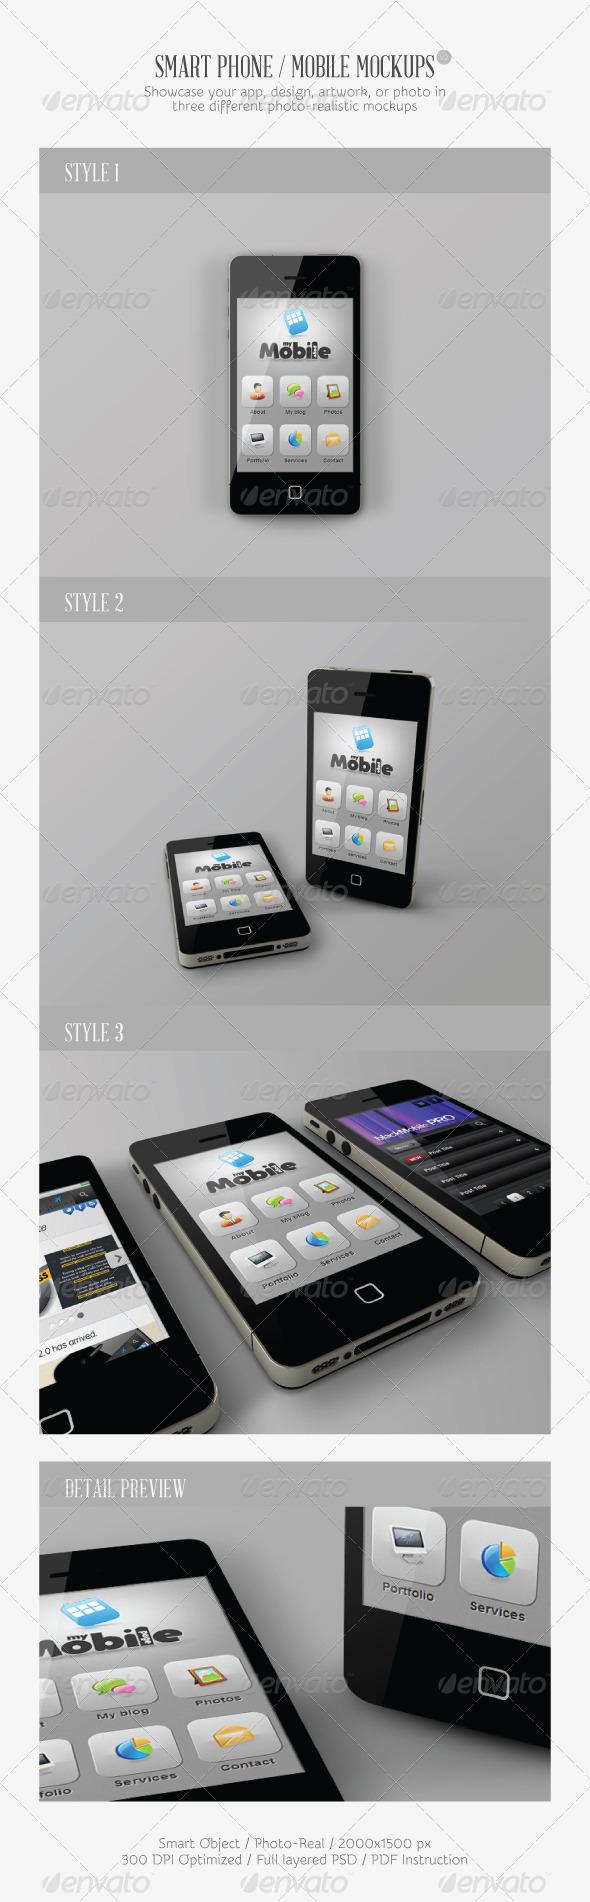 Smart Phone / Mobile Mock-ups V2 - Mobile Displays